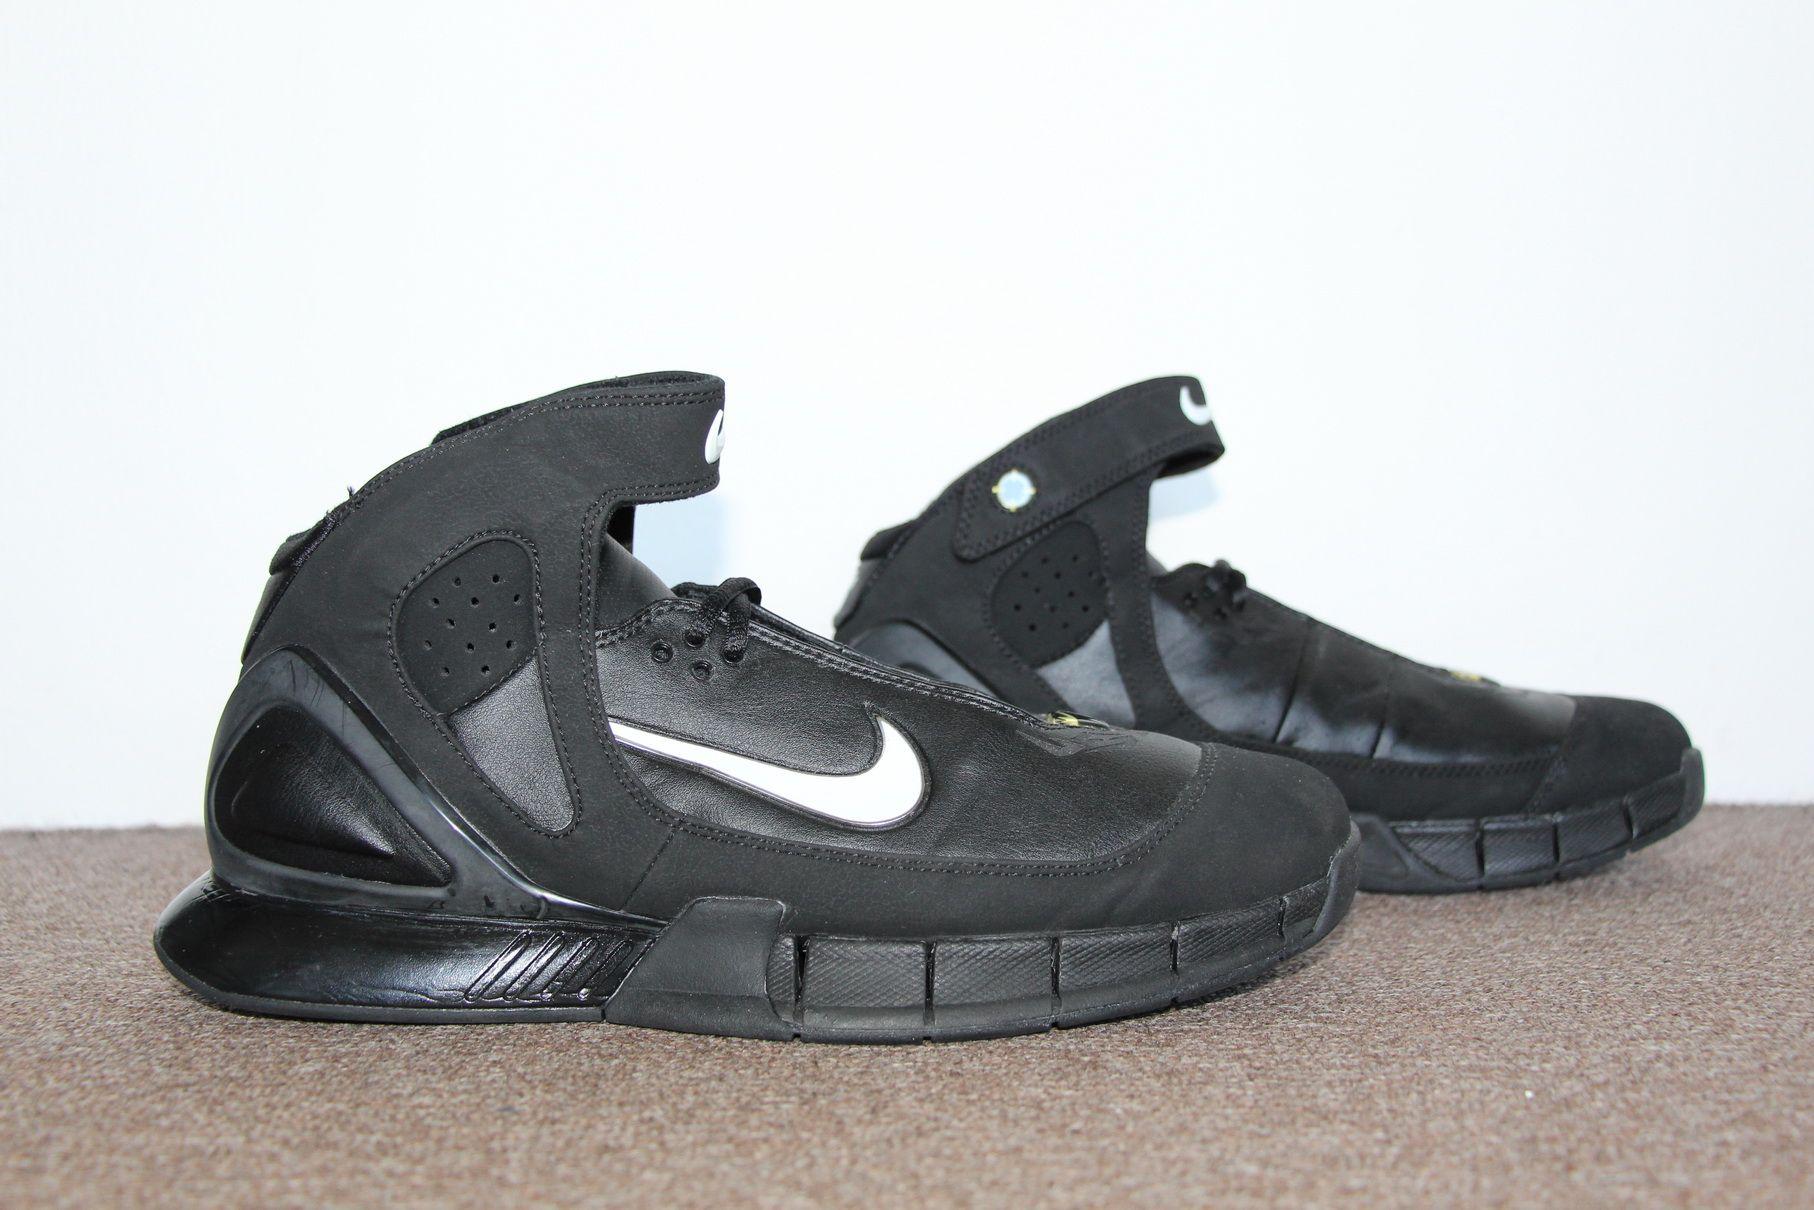 9916753d5ffc4 2005 Nike Air Zoom Huarache 2K5